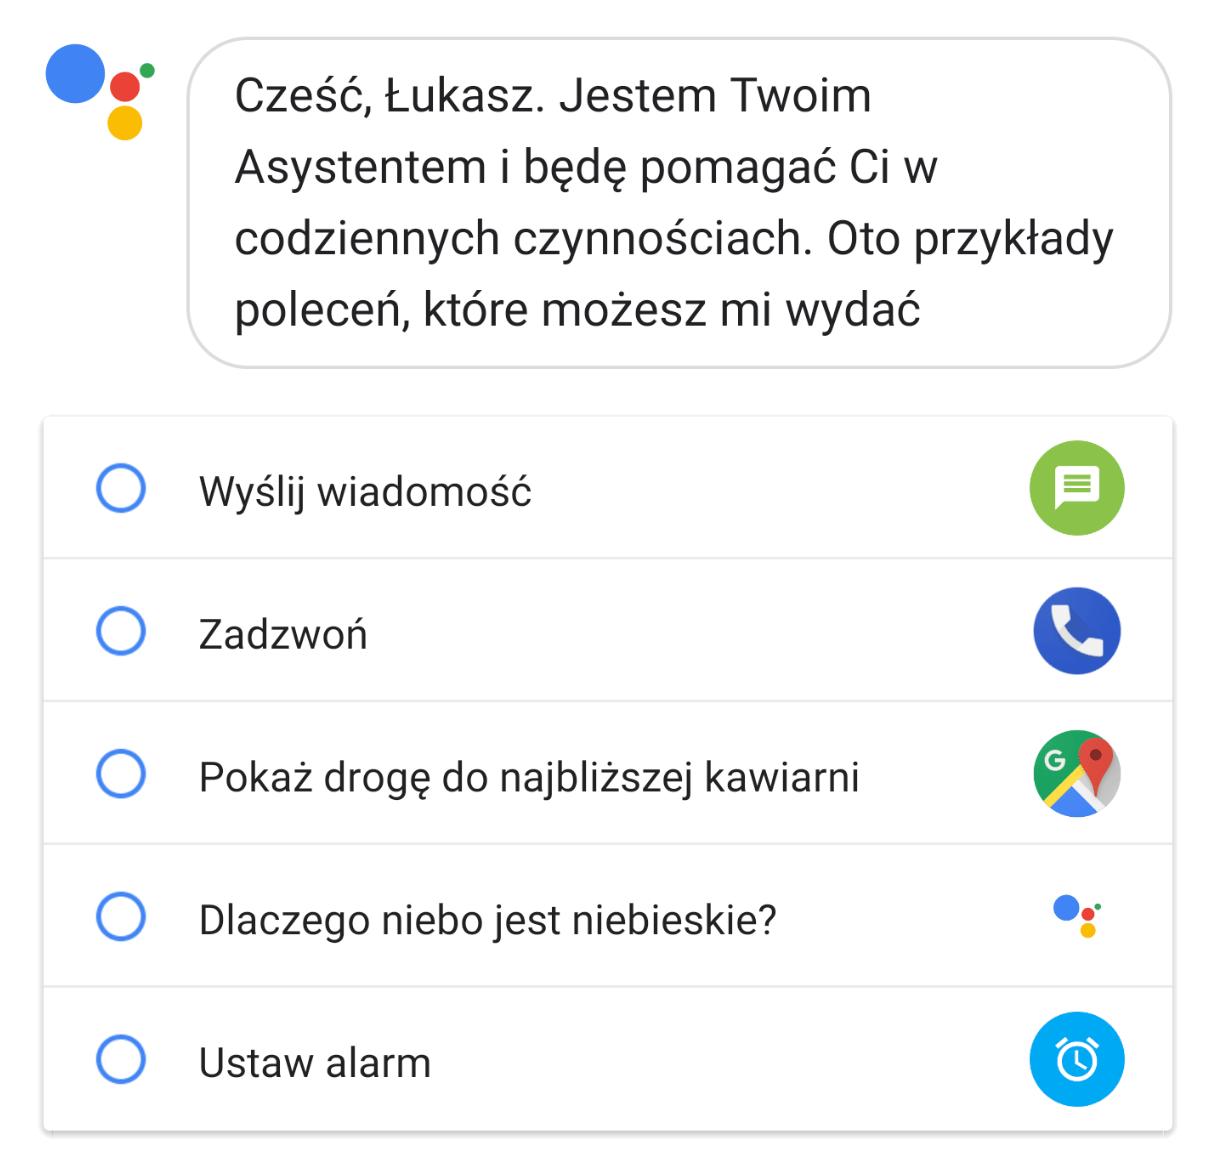 Jak działa Asystent Google w języku polskim?